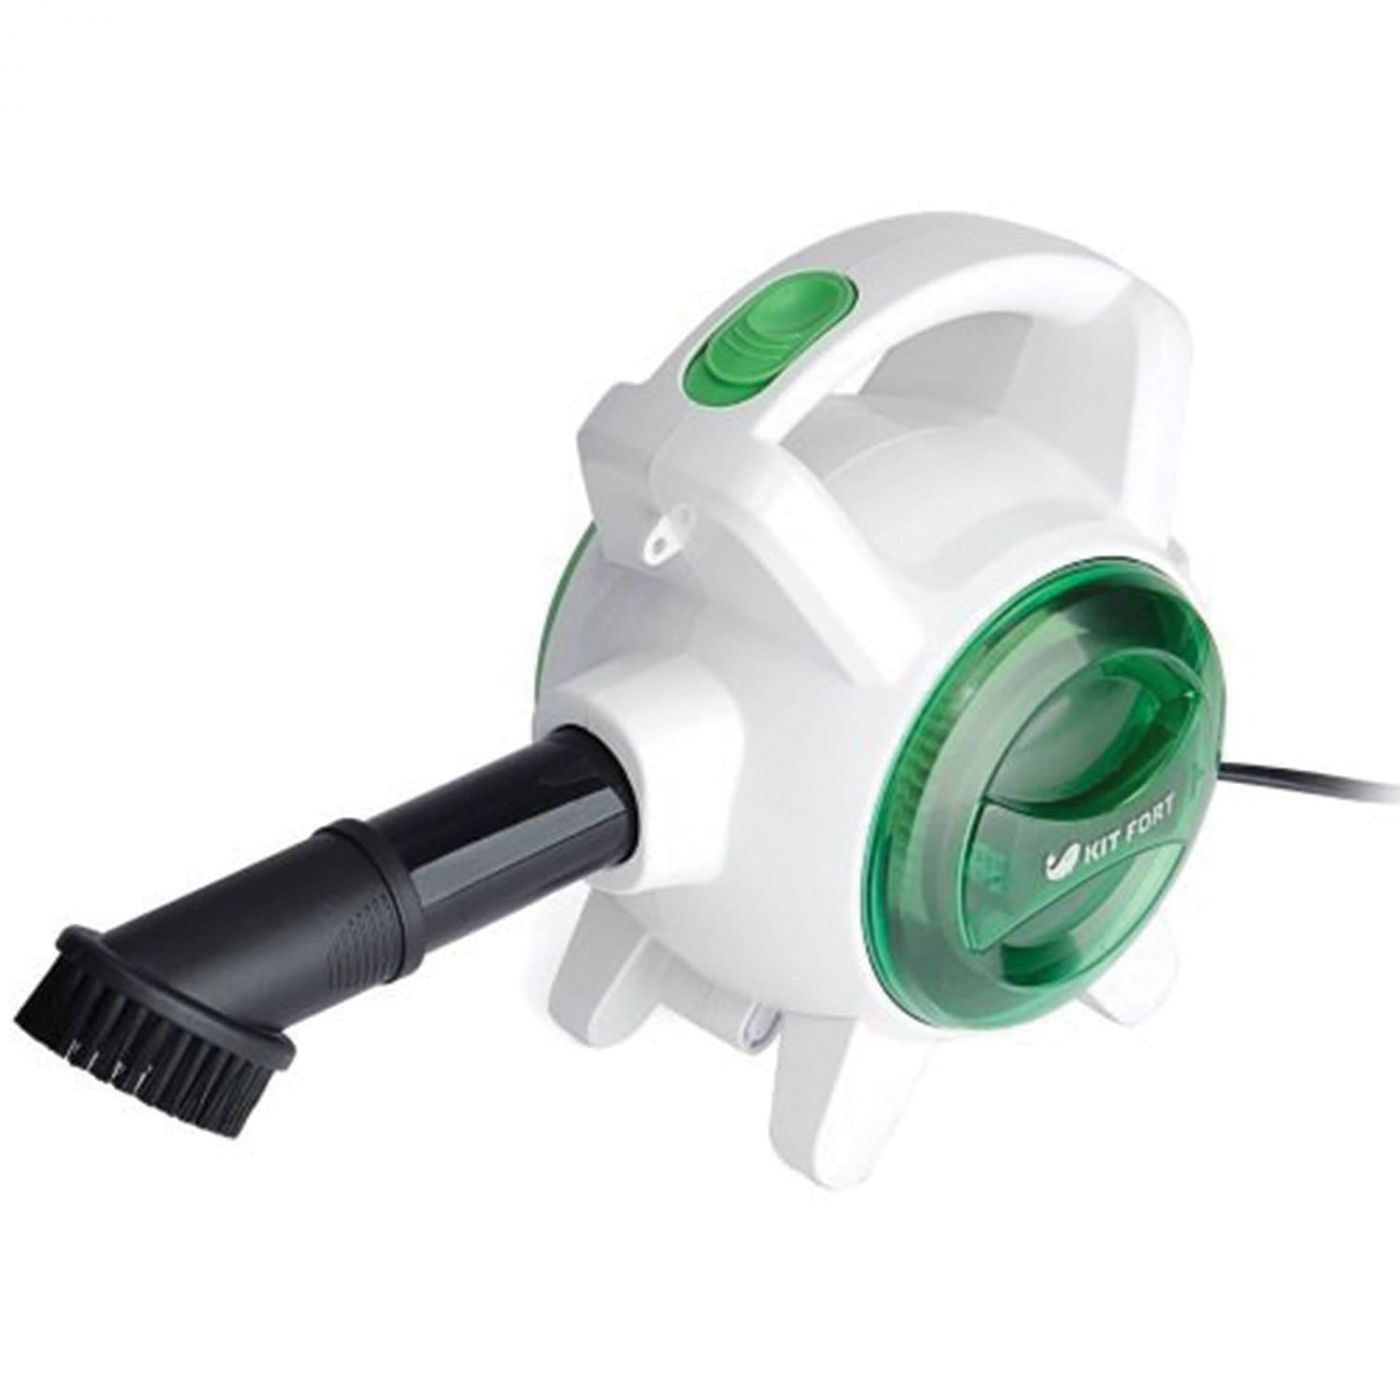 Ручной пылесос KitFort КТ-526-2 зеленый